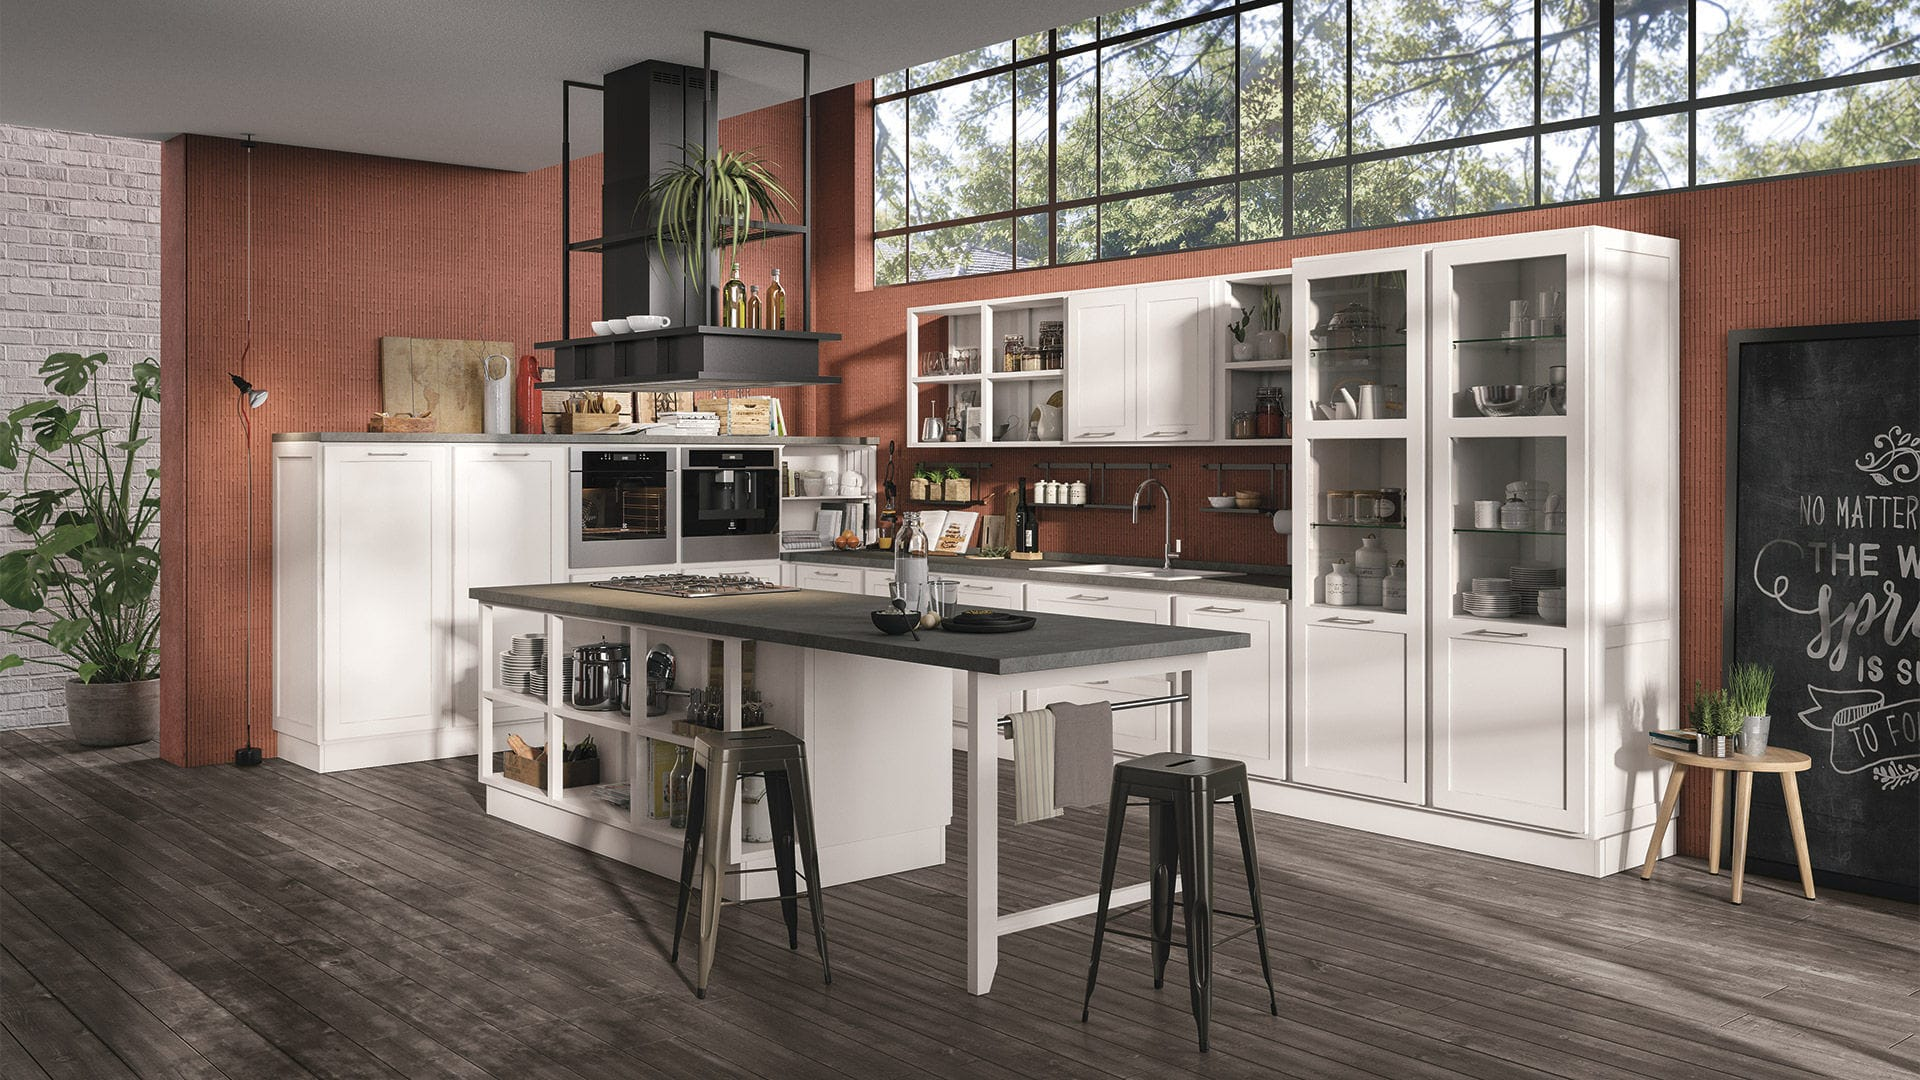 Moderne Küche / Holz / Kochinsel / mit Griffen - PROVENZA ...